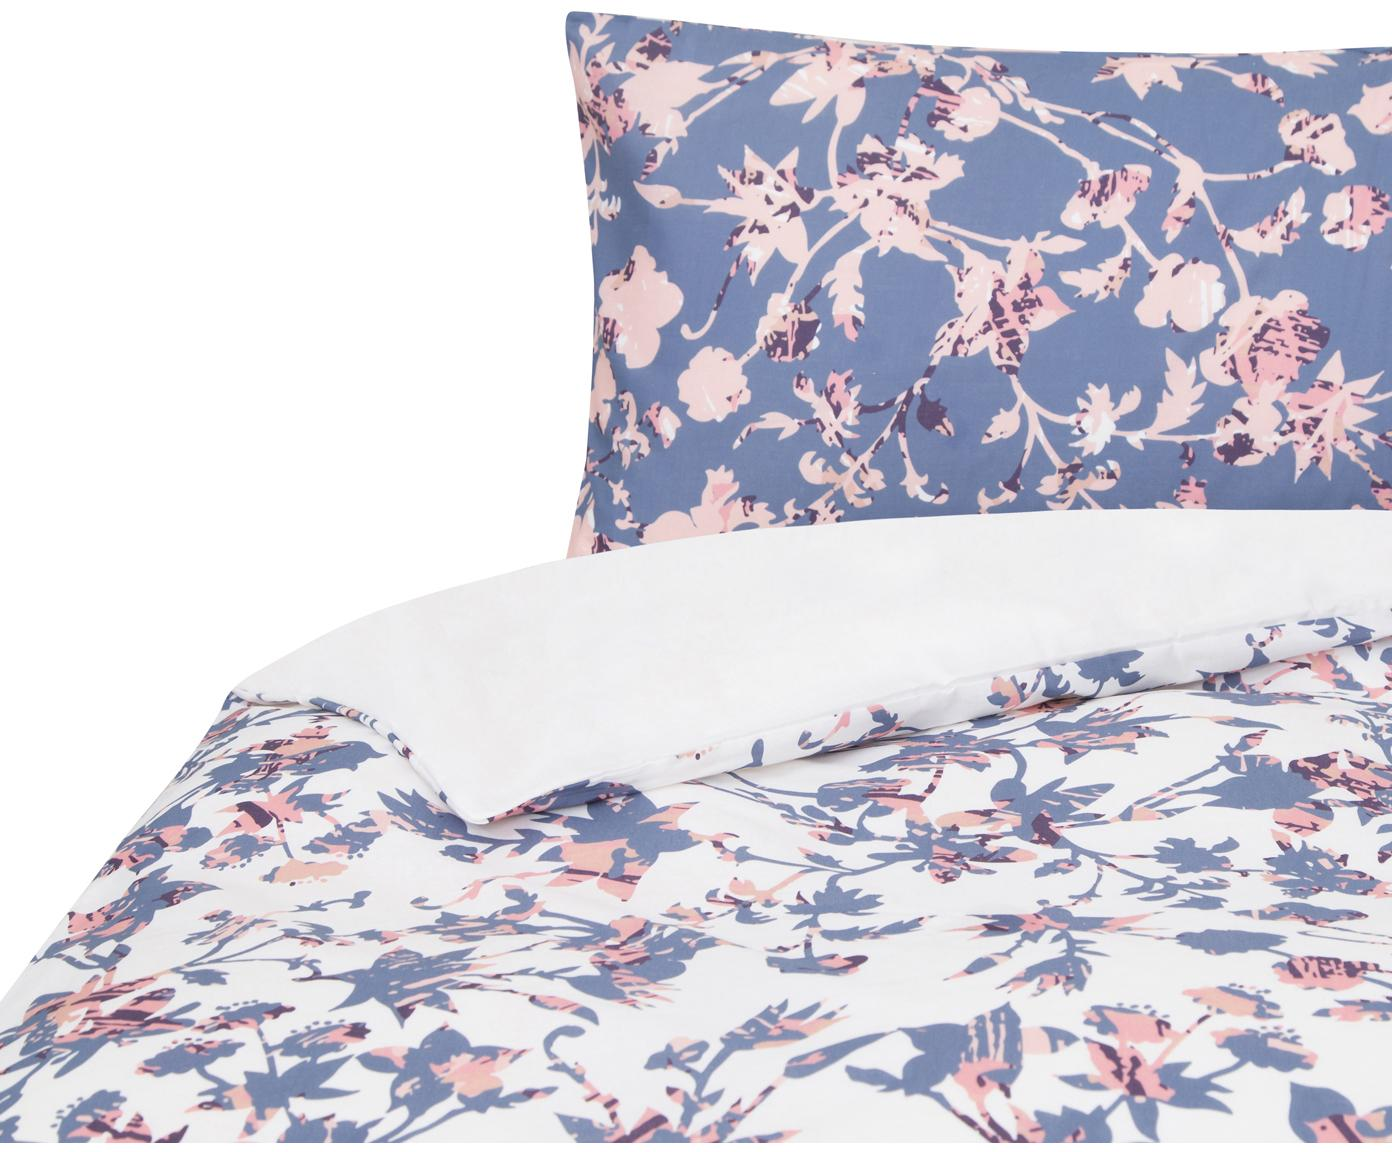 Funda nórdica doble cara Lines , Algodón, Blanco, azul, tonos rosas, Cama 90 cm (160 x 220 cm)